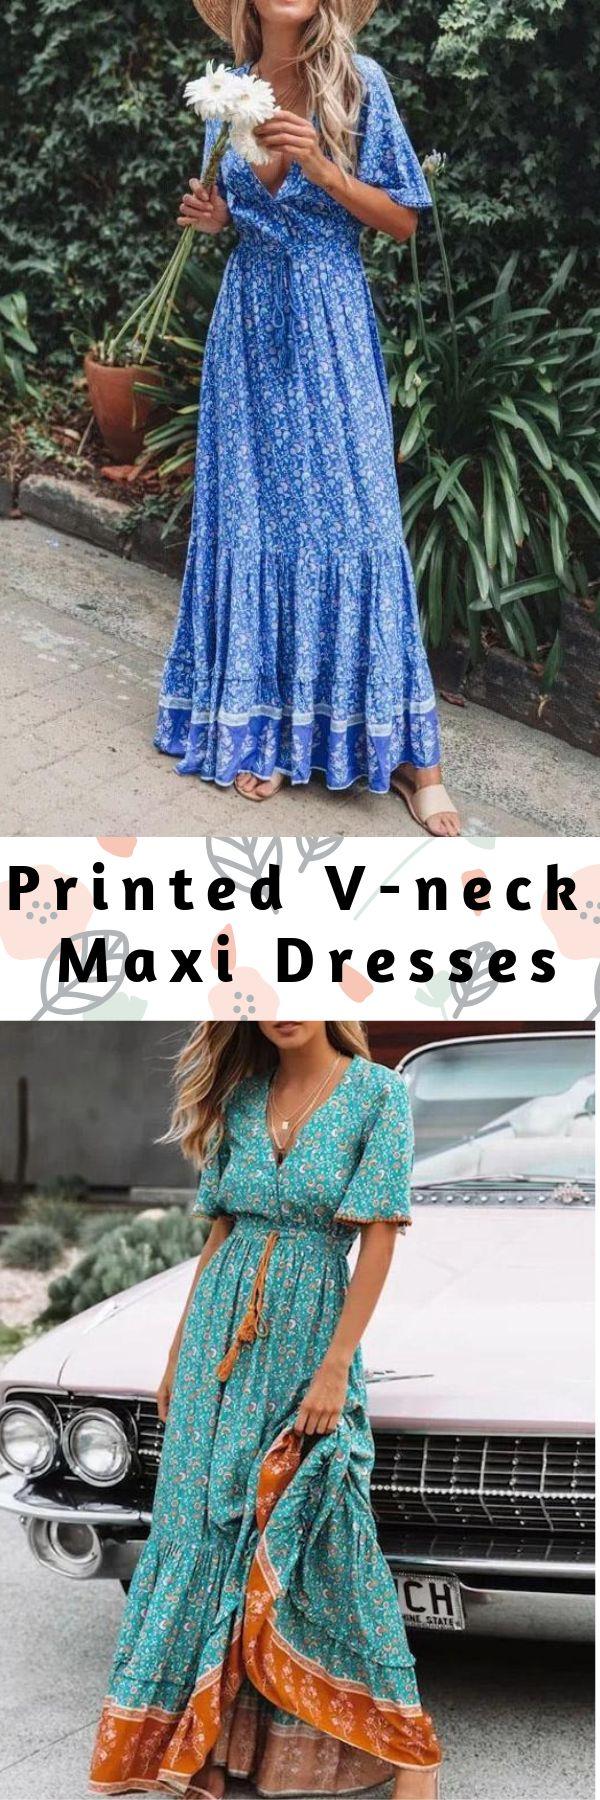 Printed V-neck Maxi Dresses